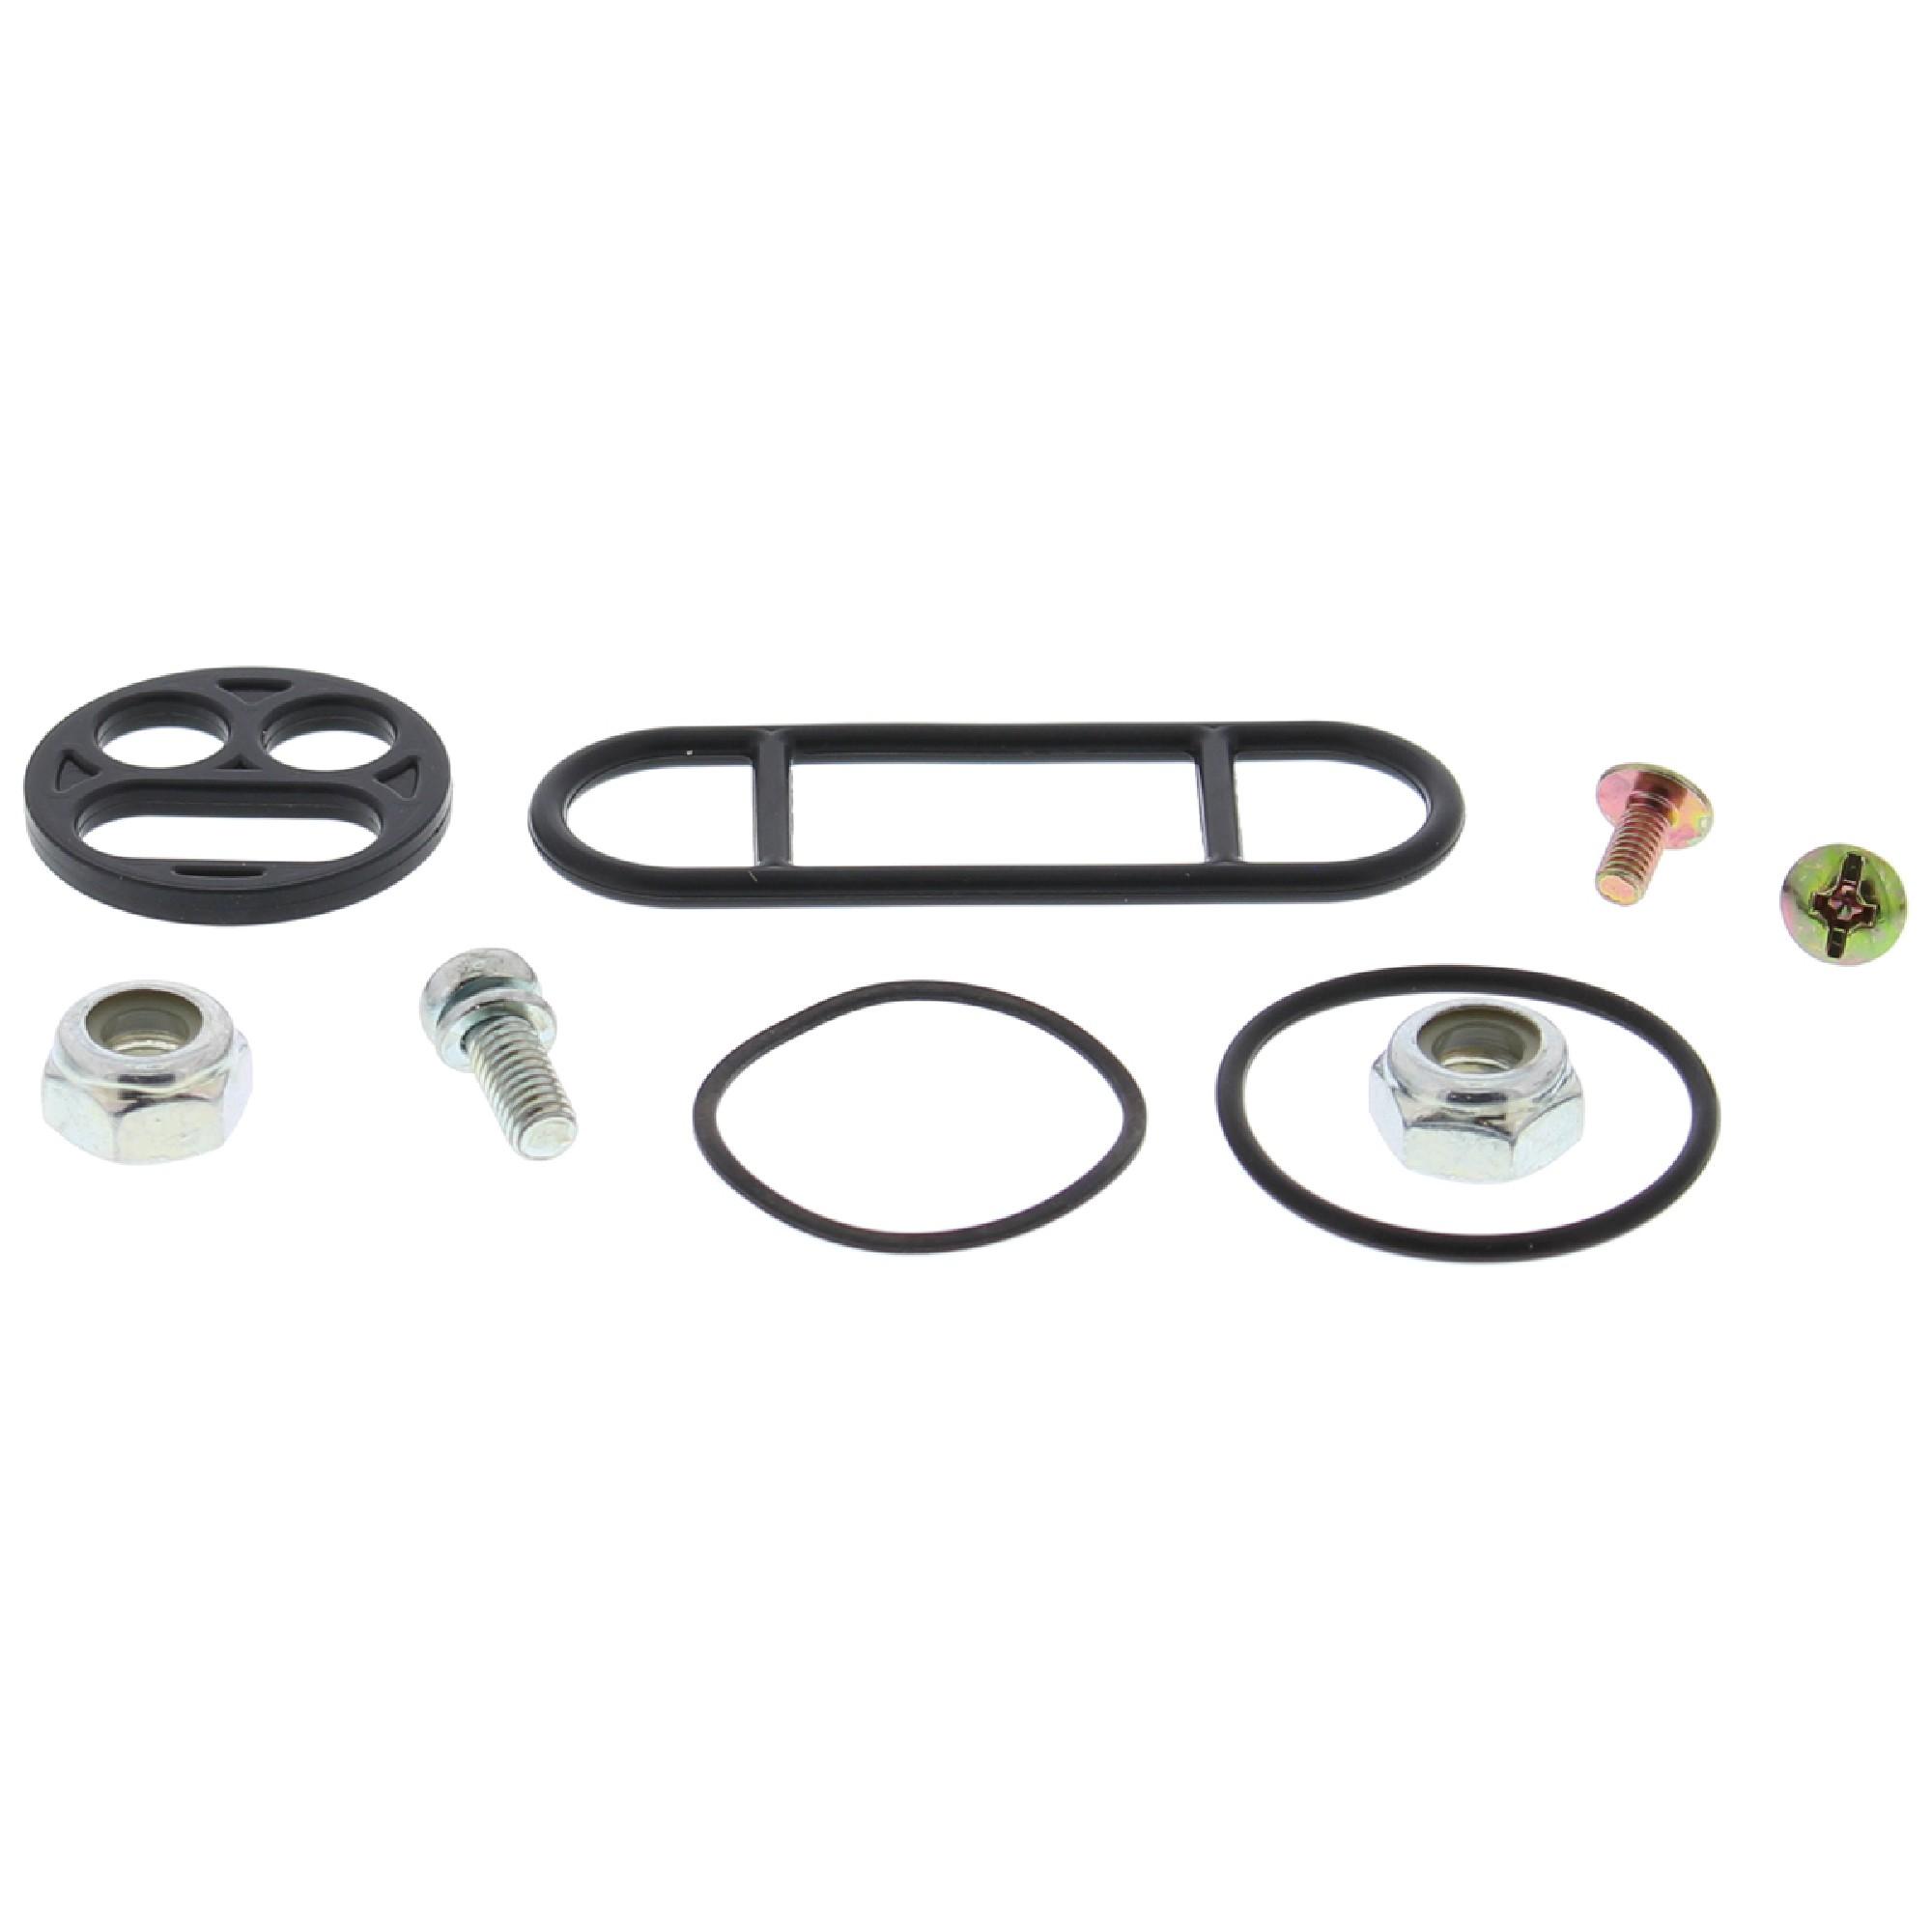 New All Balls Fuel Tap Repair Kit for Arctic Cat 350 CR 12